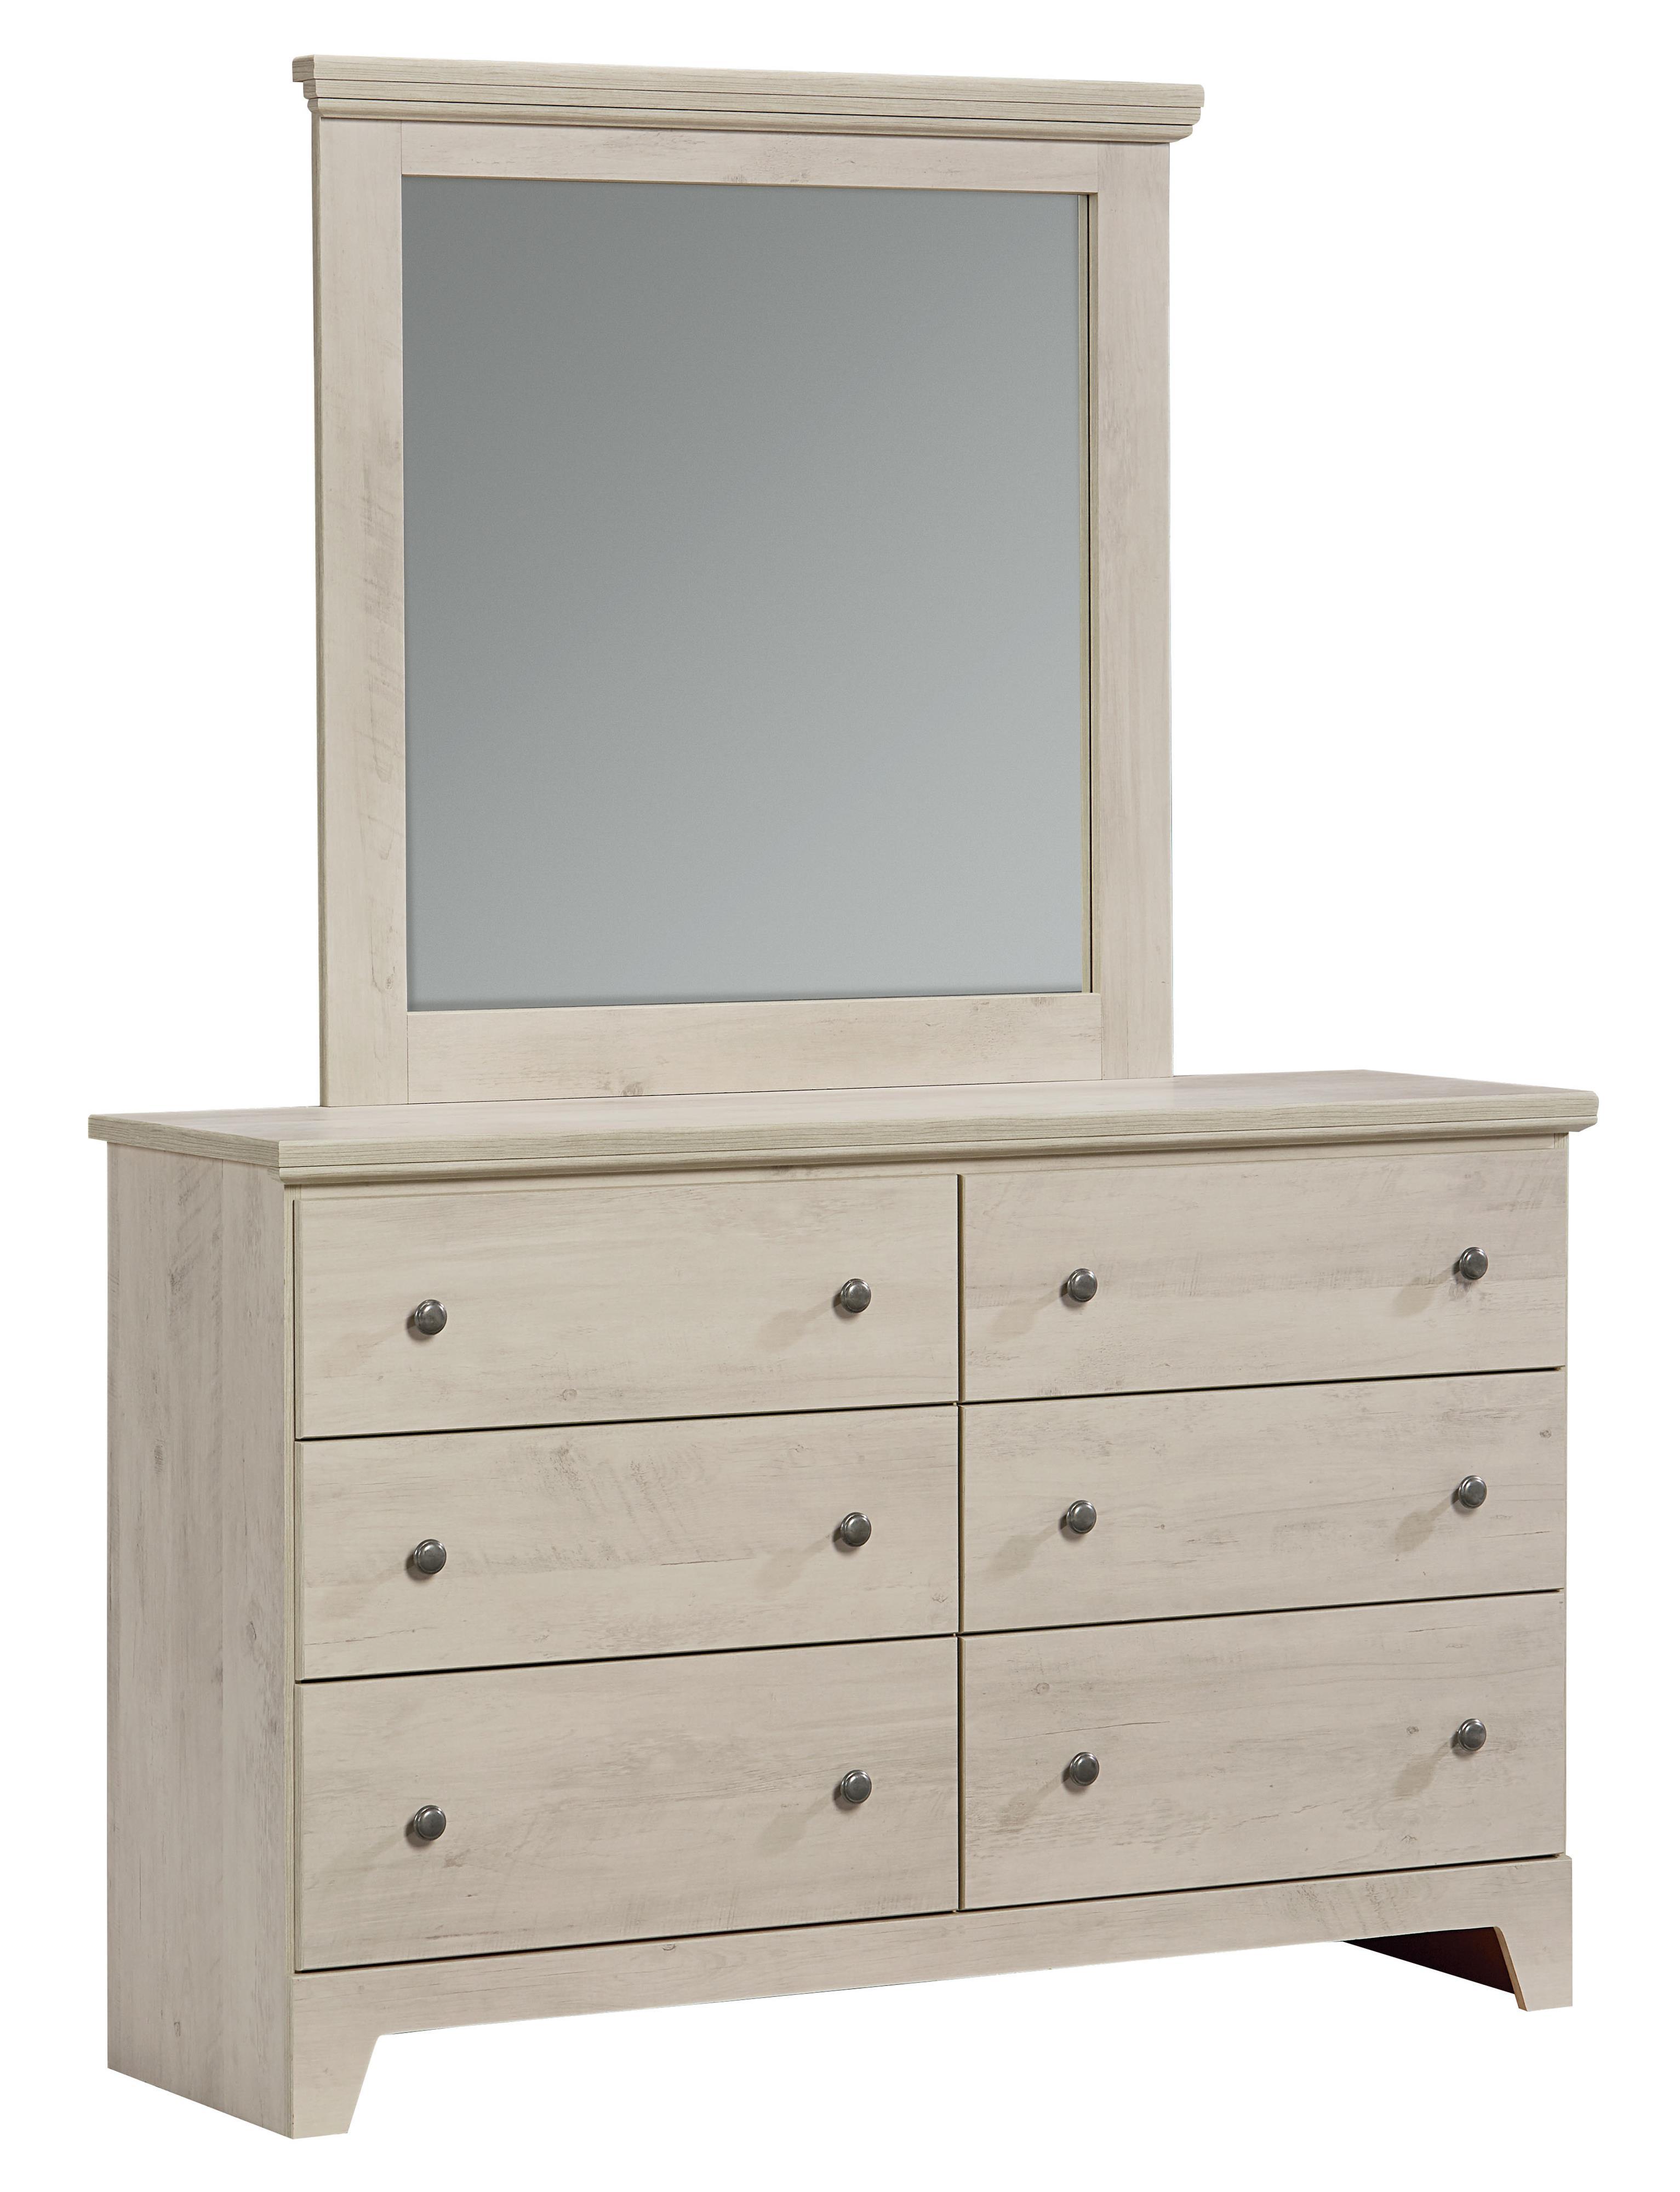 Standard Furniture Outland Lite Dresser and Mirror Set - Item Number: 62949+62958